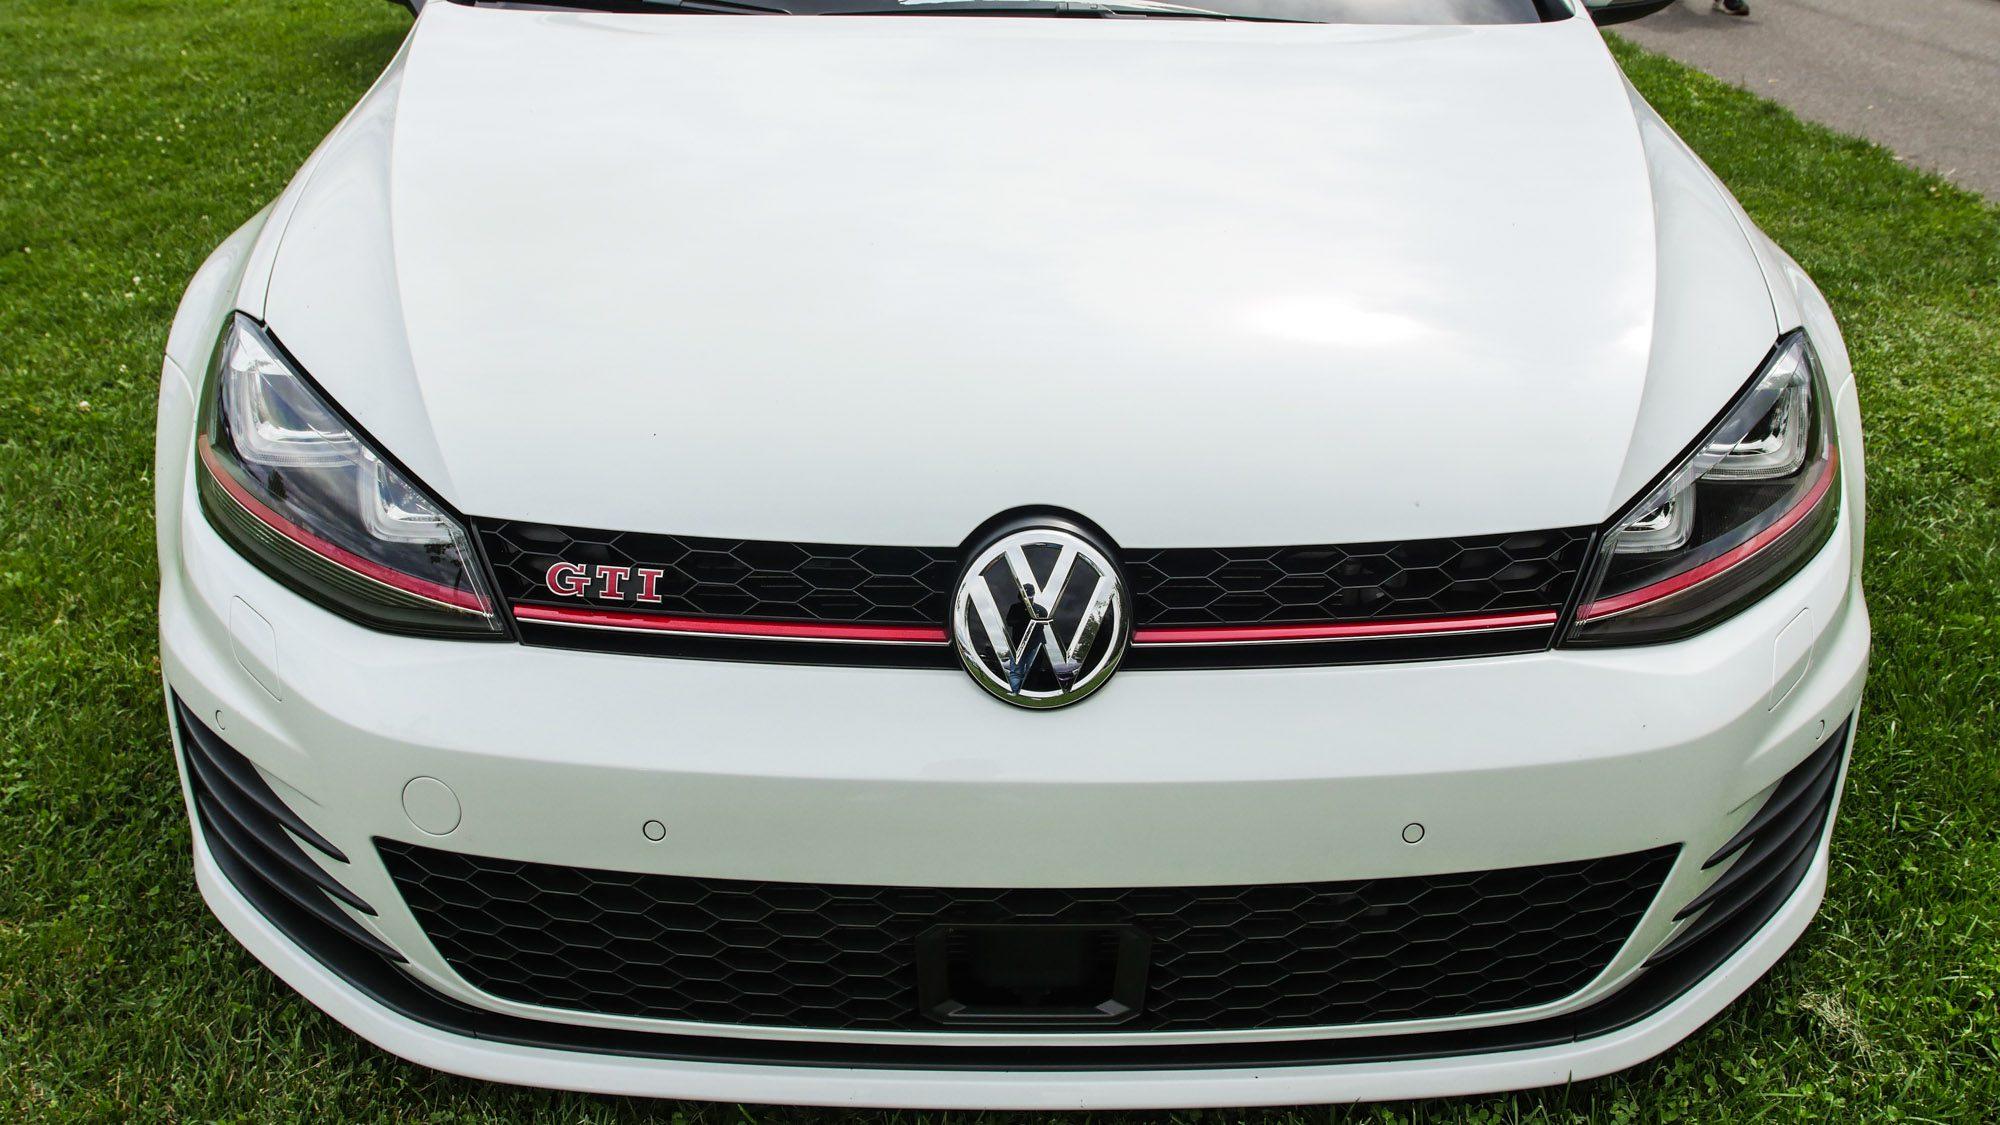 Front des VW Golf VII GTI